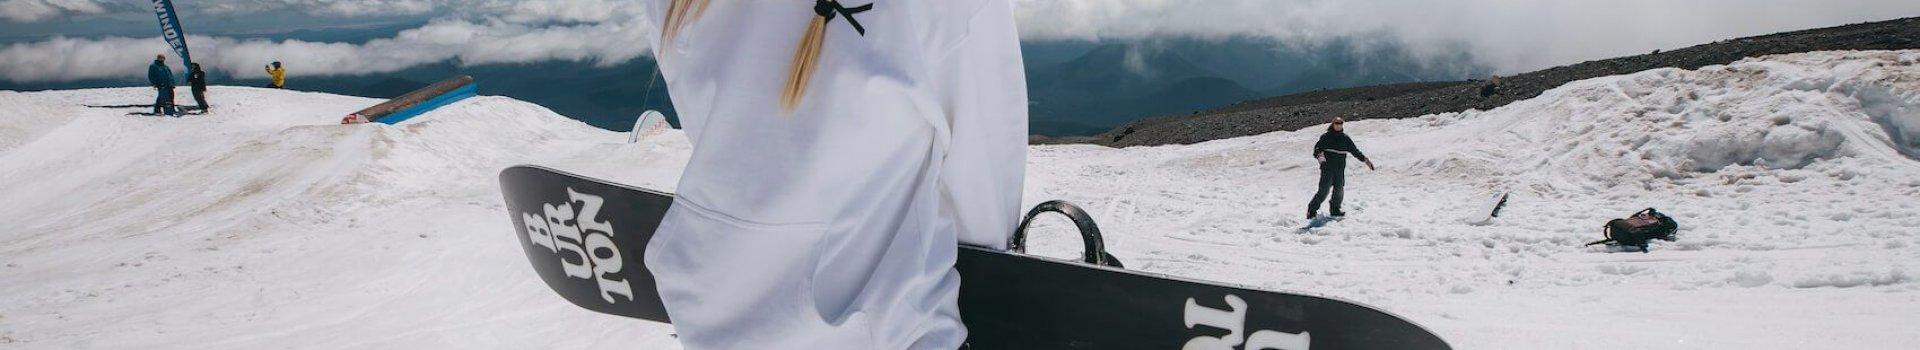 Dlaczego warto inwestować w deski snowboardowe?